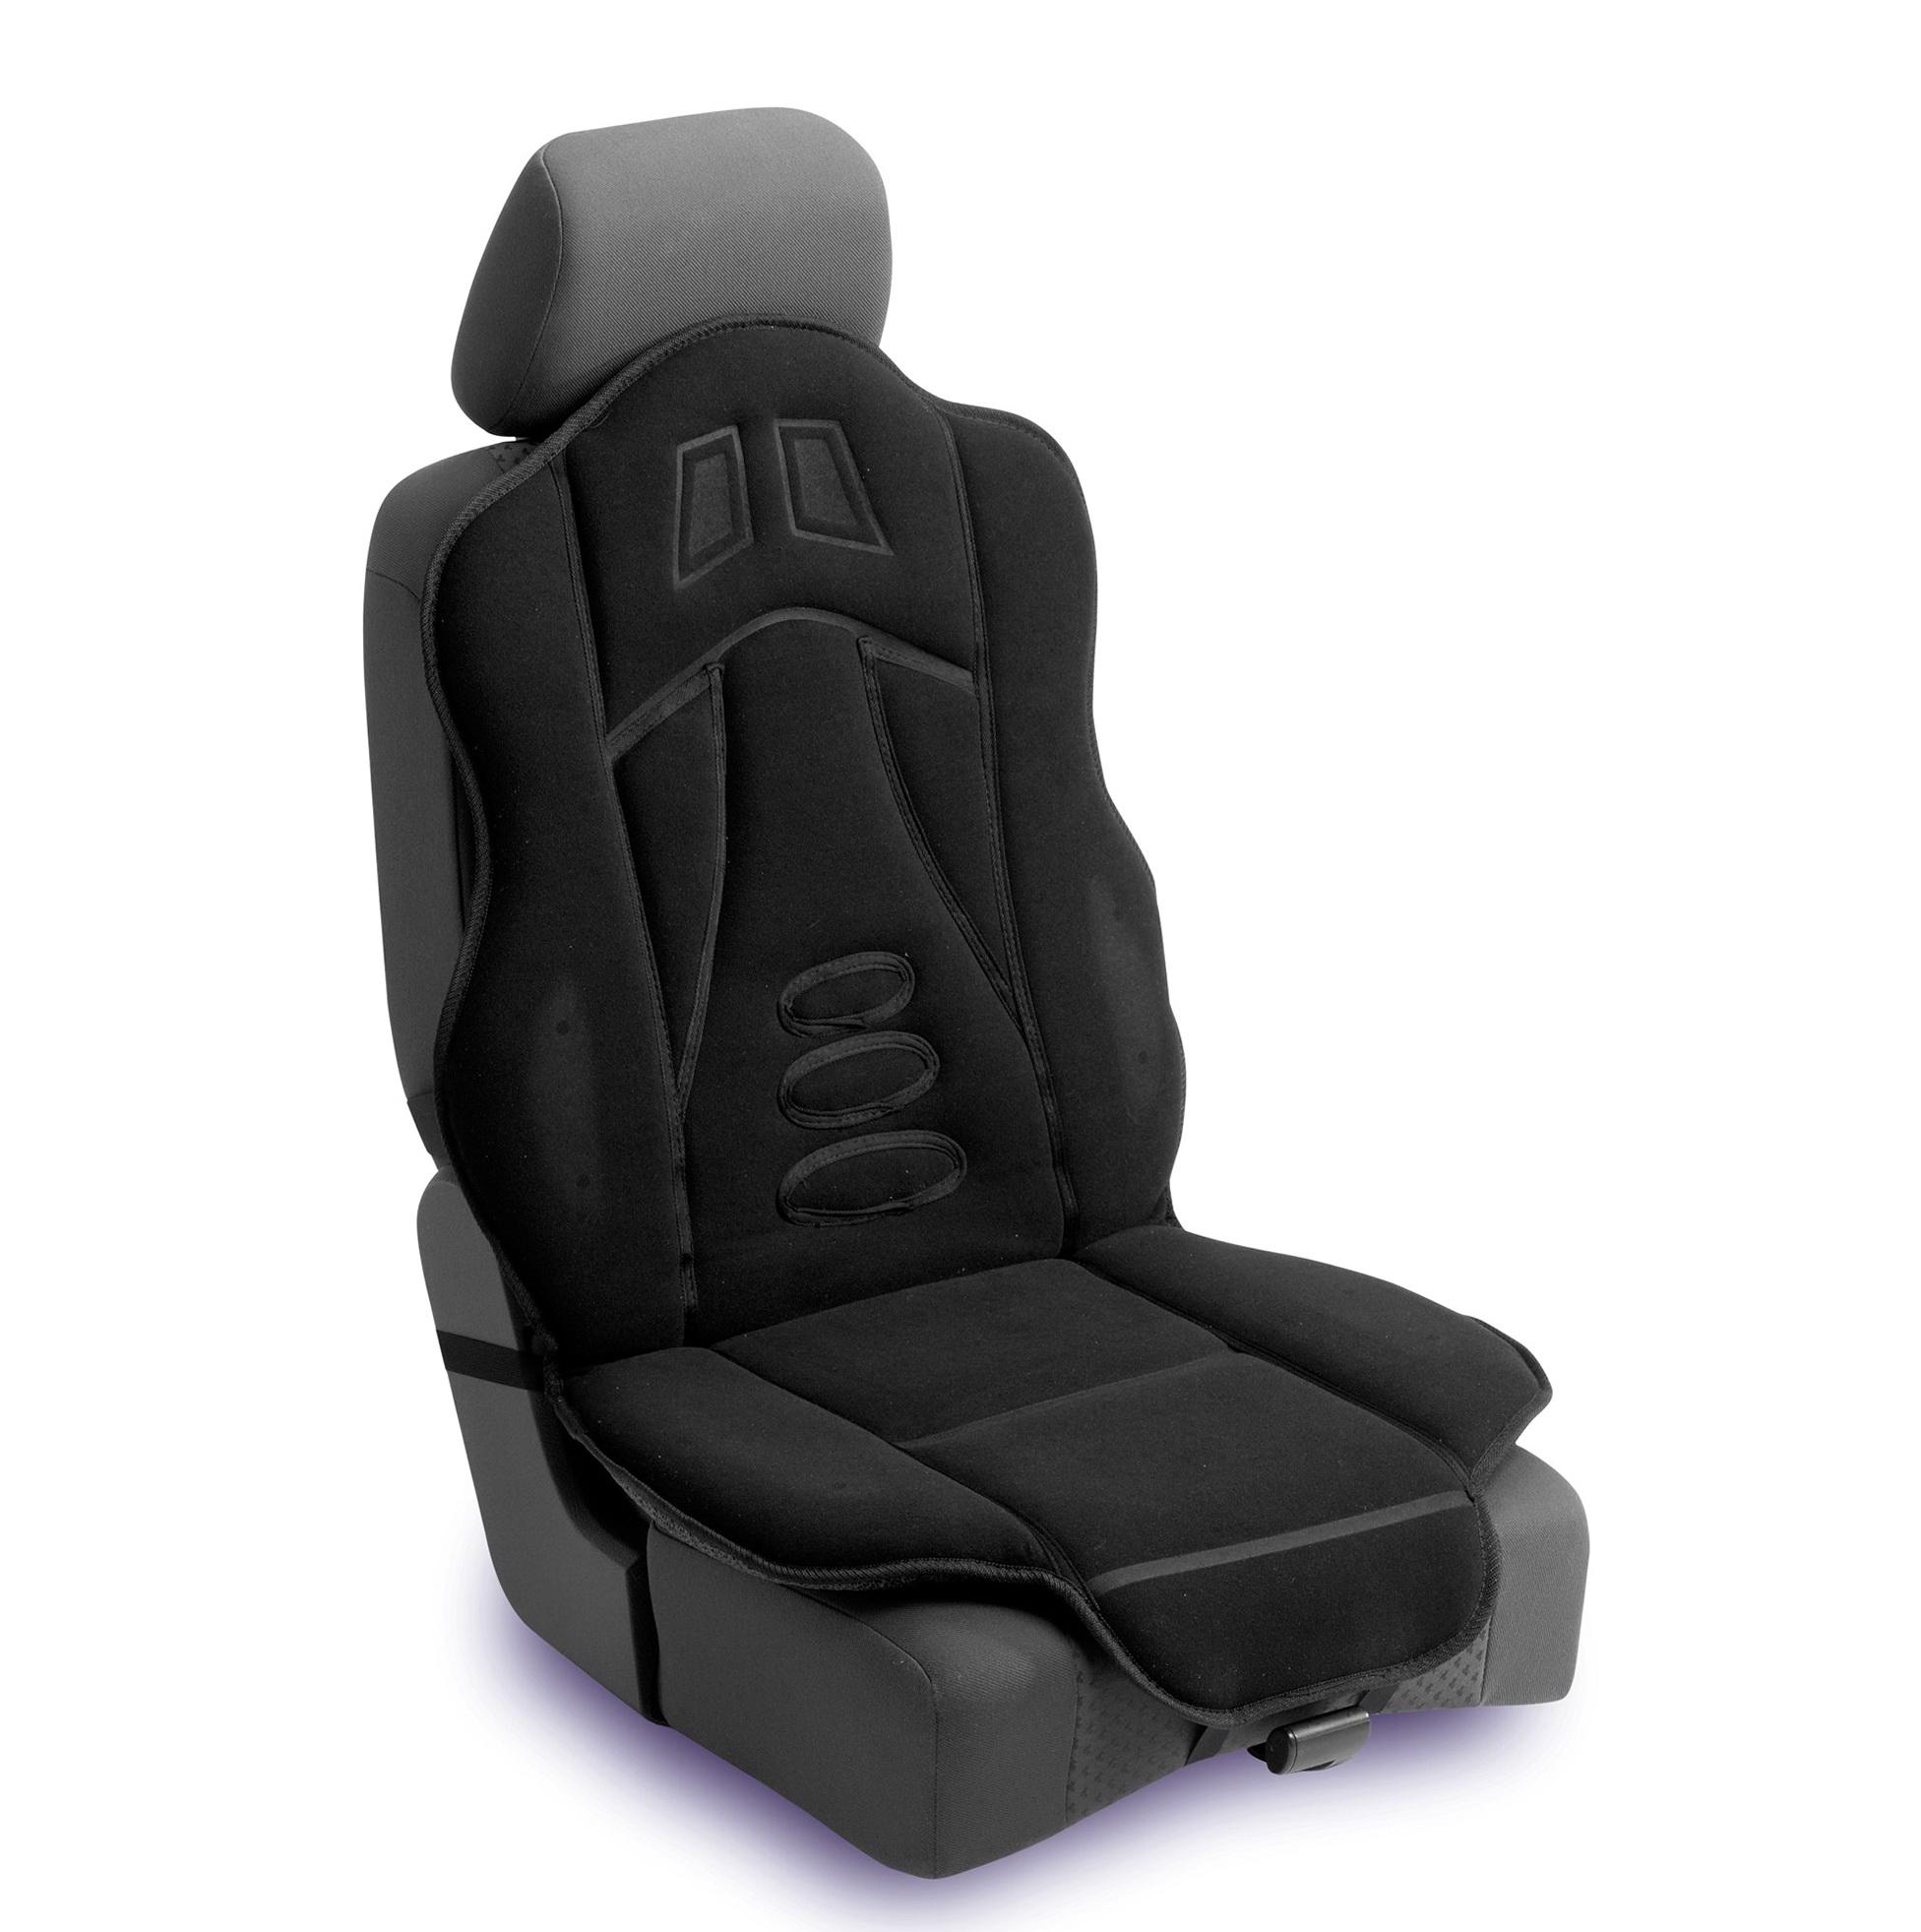 Car Seat Cushion For Back Pain Walmart Home Design Ideas